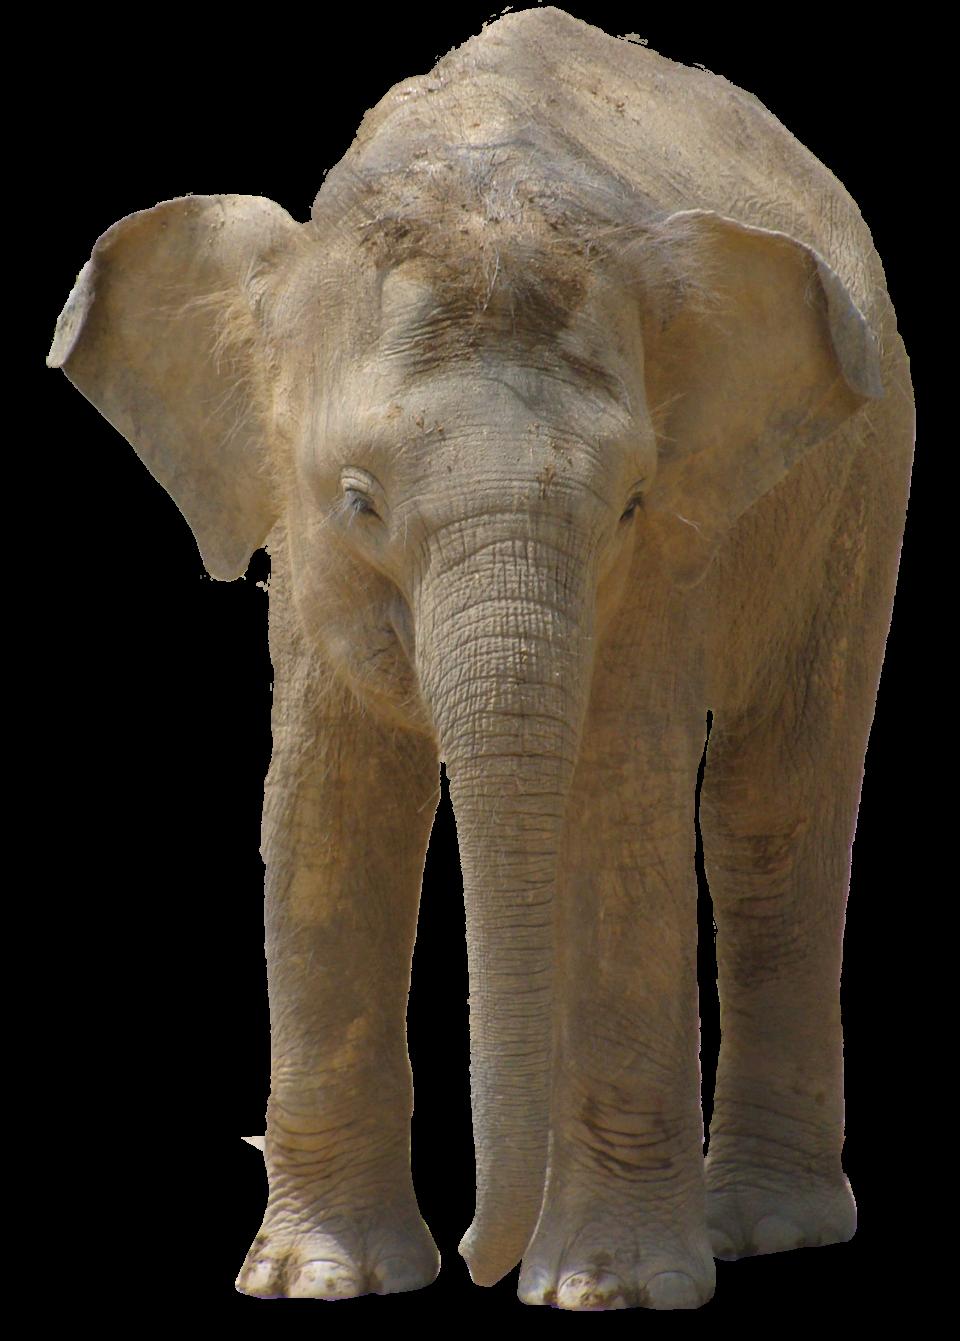 Elephant PNG Image